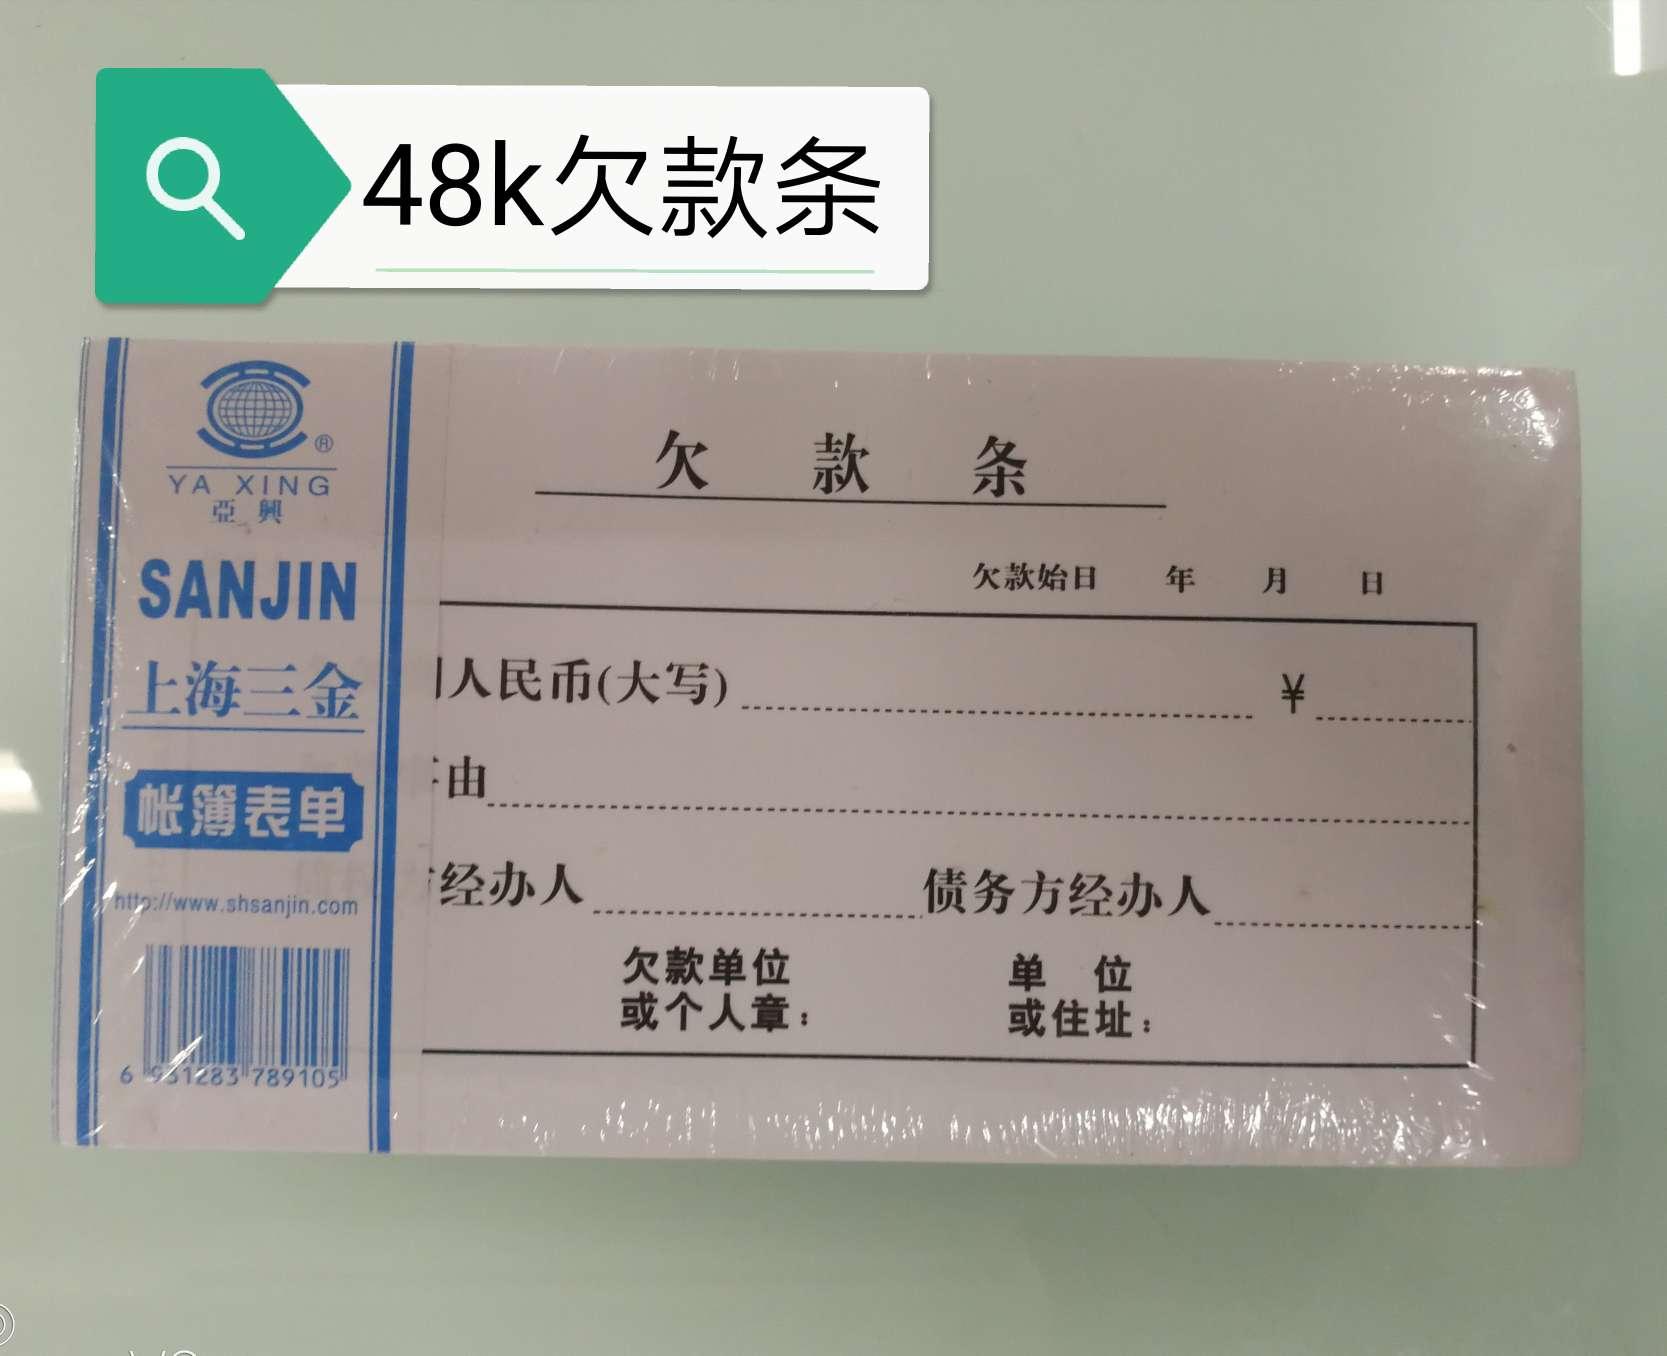 【工厂直销】48k欠款条-办公财务会计记账报销凭证单据